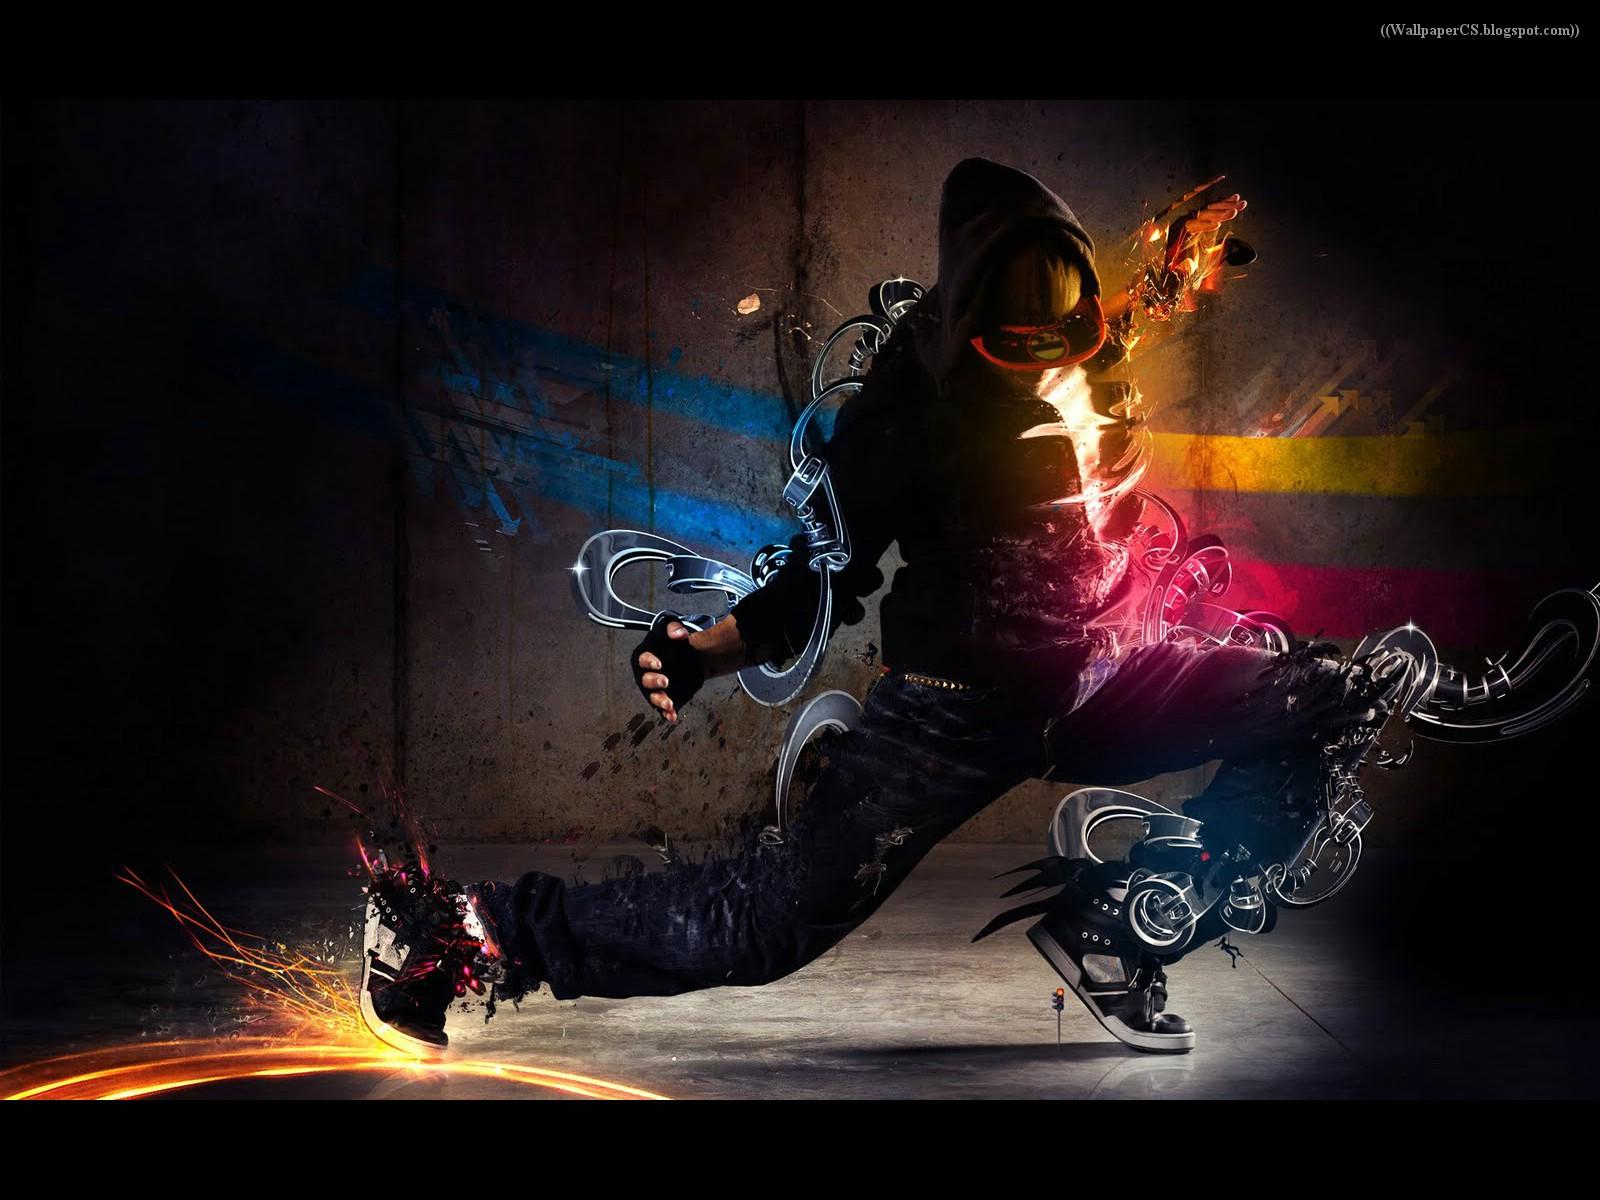 http://4.bp.blogspot.com/_bSB353YdZu8/S_D3pf54OdI/AAAAAAAAAEM/s21AzzfvKR0/s1600/Hip-hop_Dance_Move.jpg